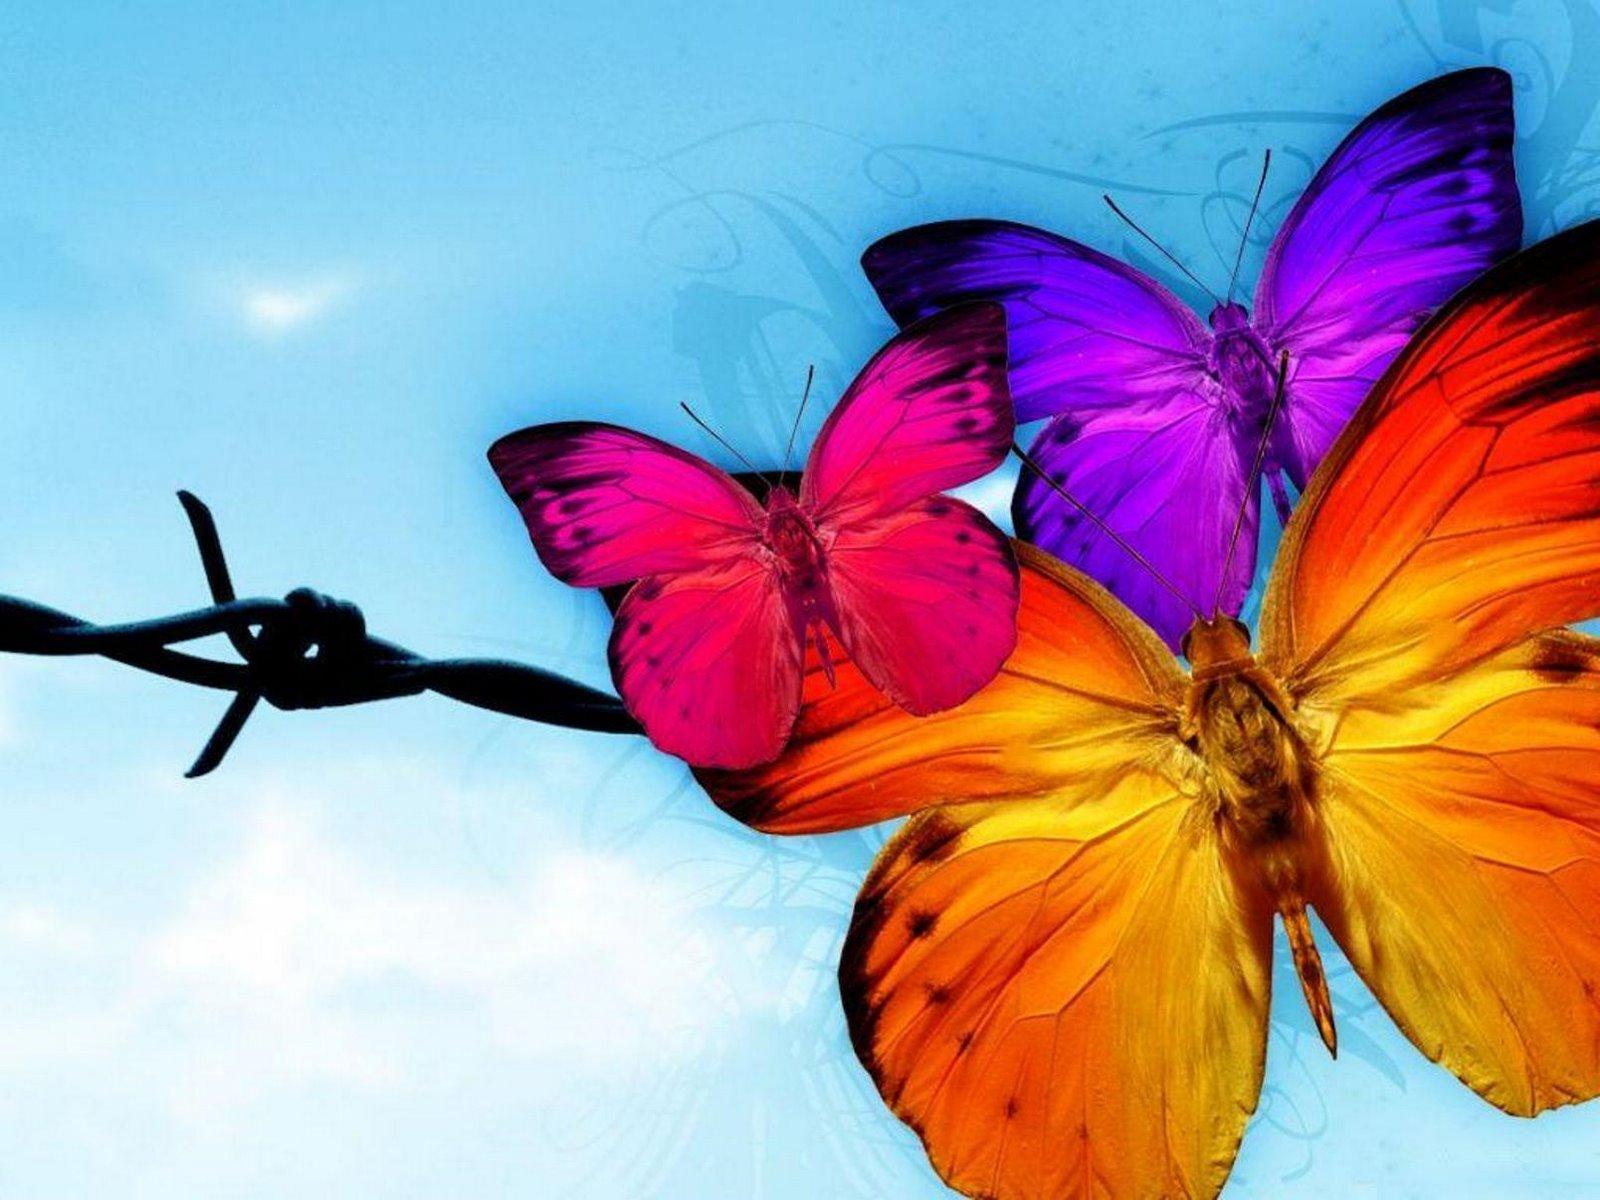 best top desktop butterflies wallpaper hd butterfly wallpaper 35jpg 1600x1200